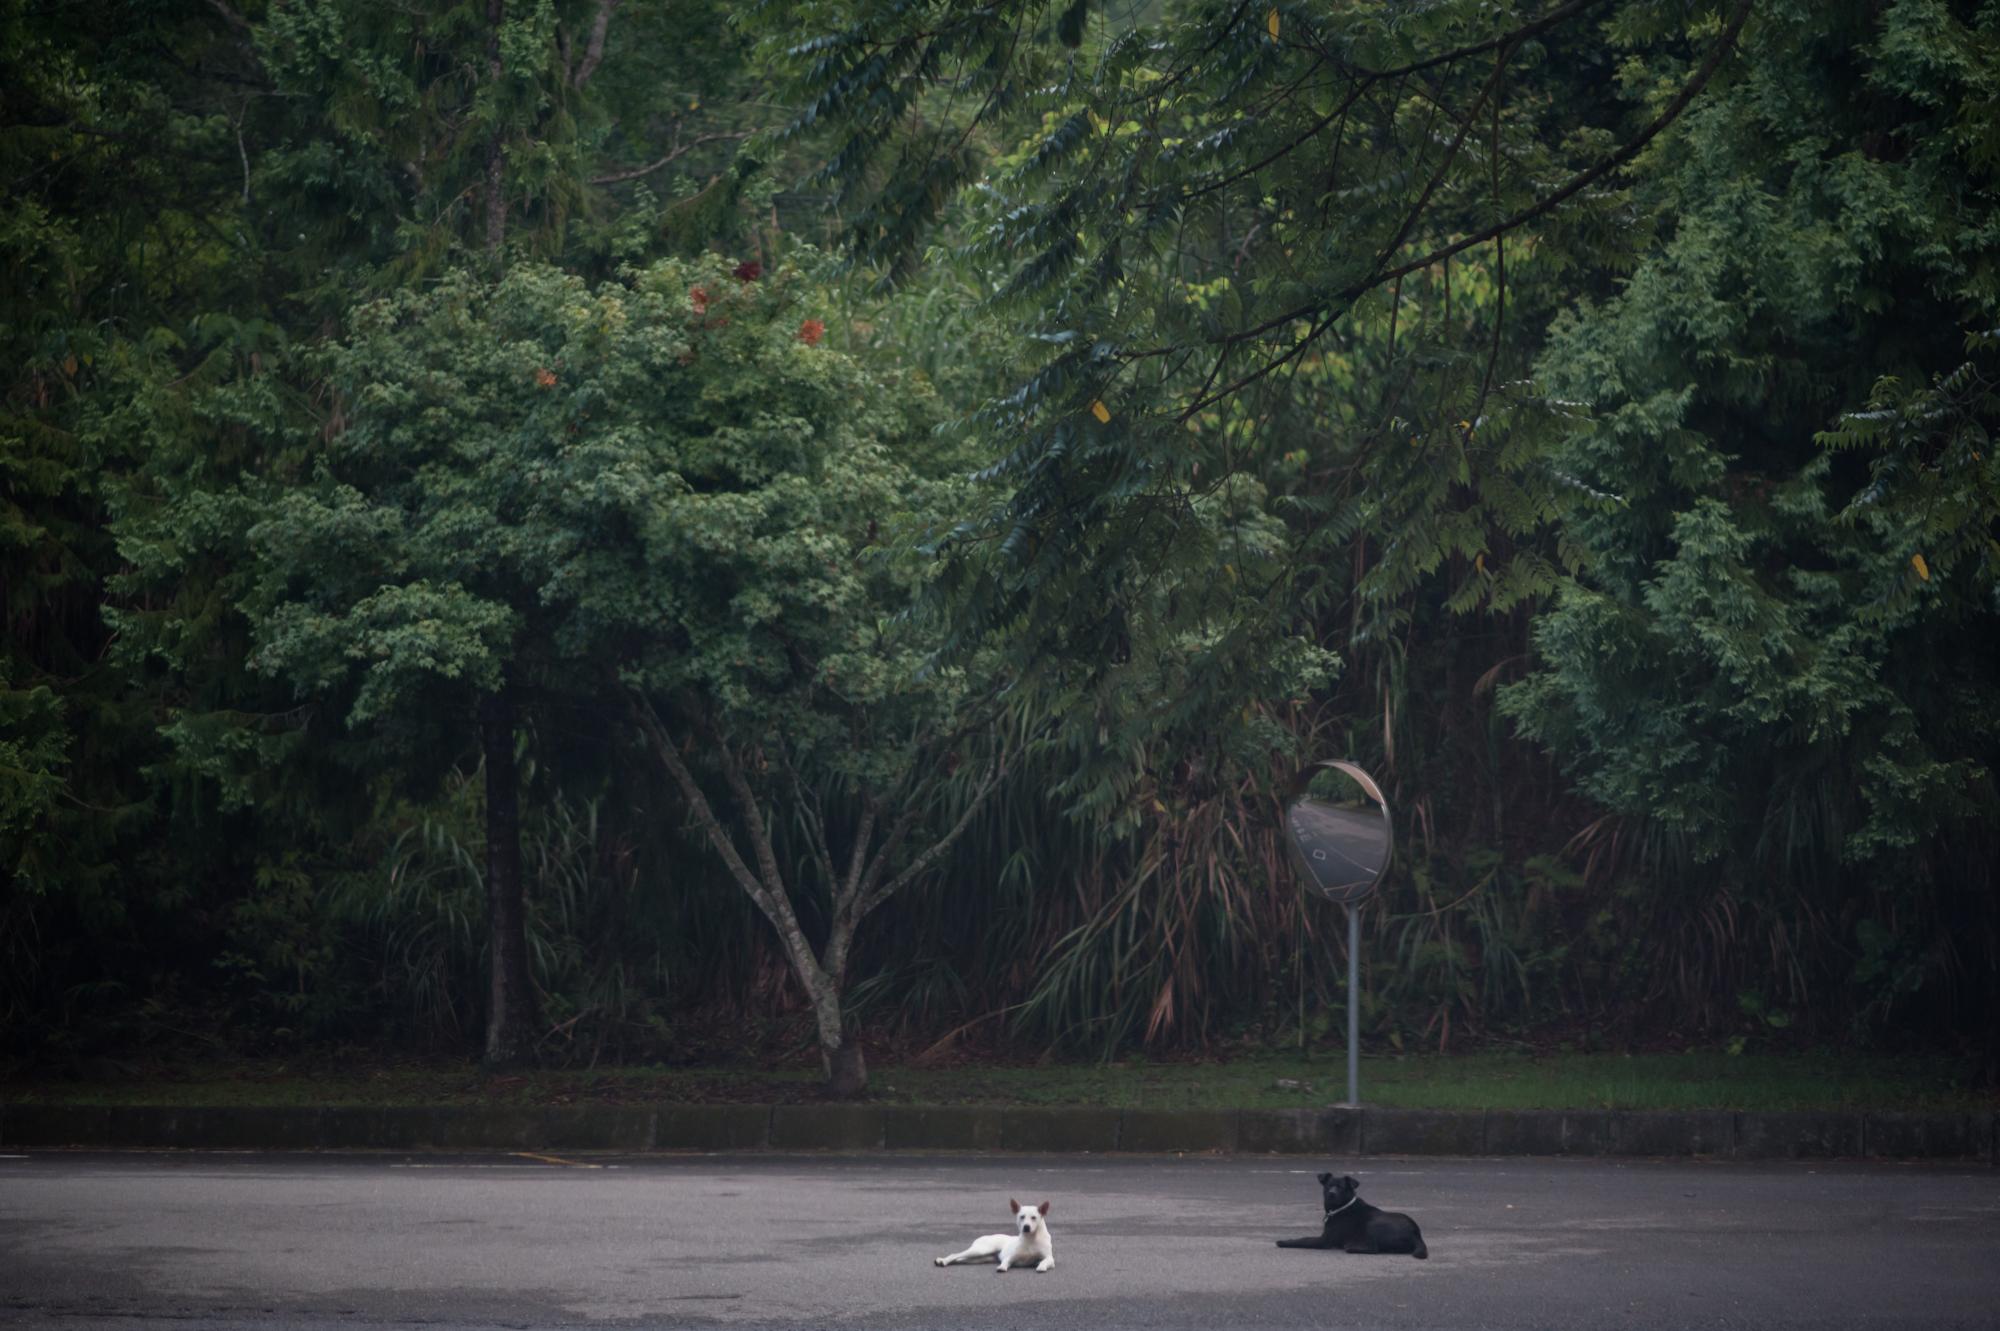 暨南大學校園道路上的狗。南投埔里桃米